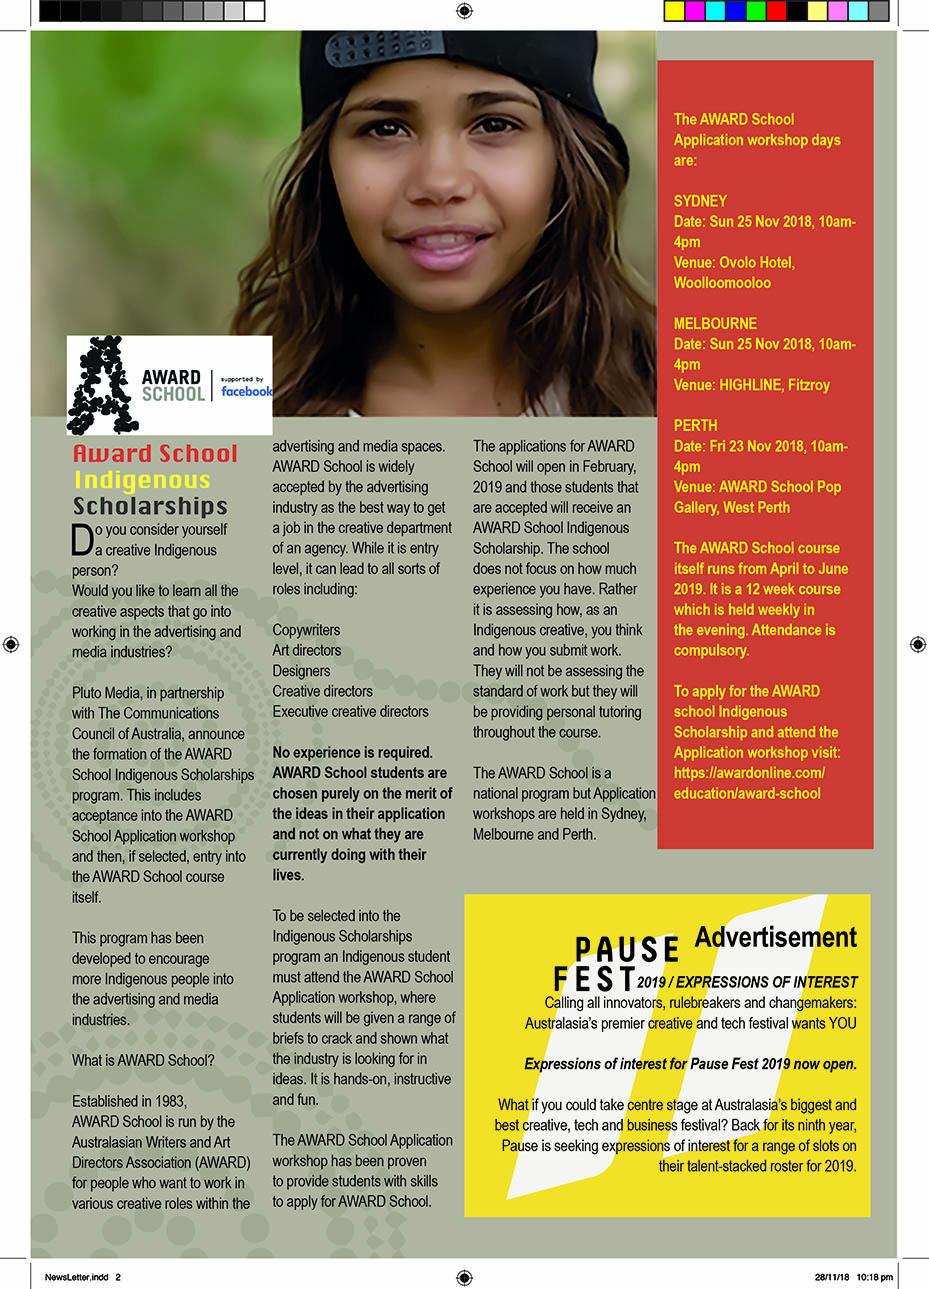 AGDA Newsletter-2.jpg